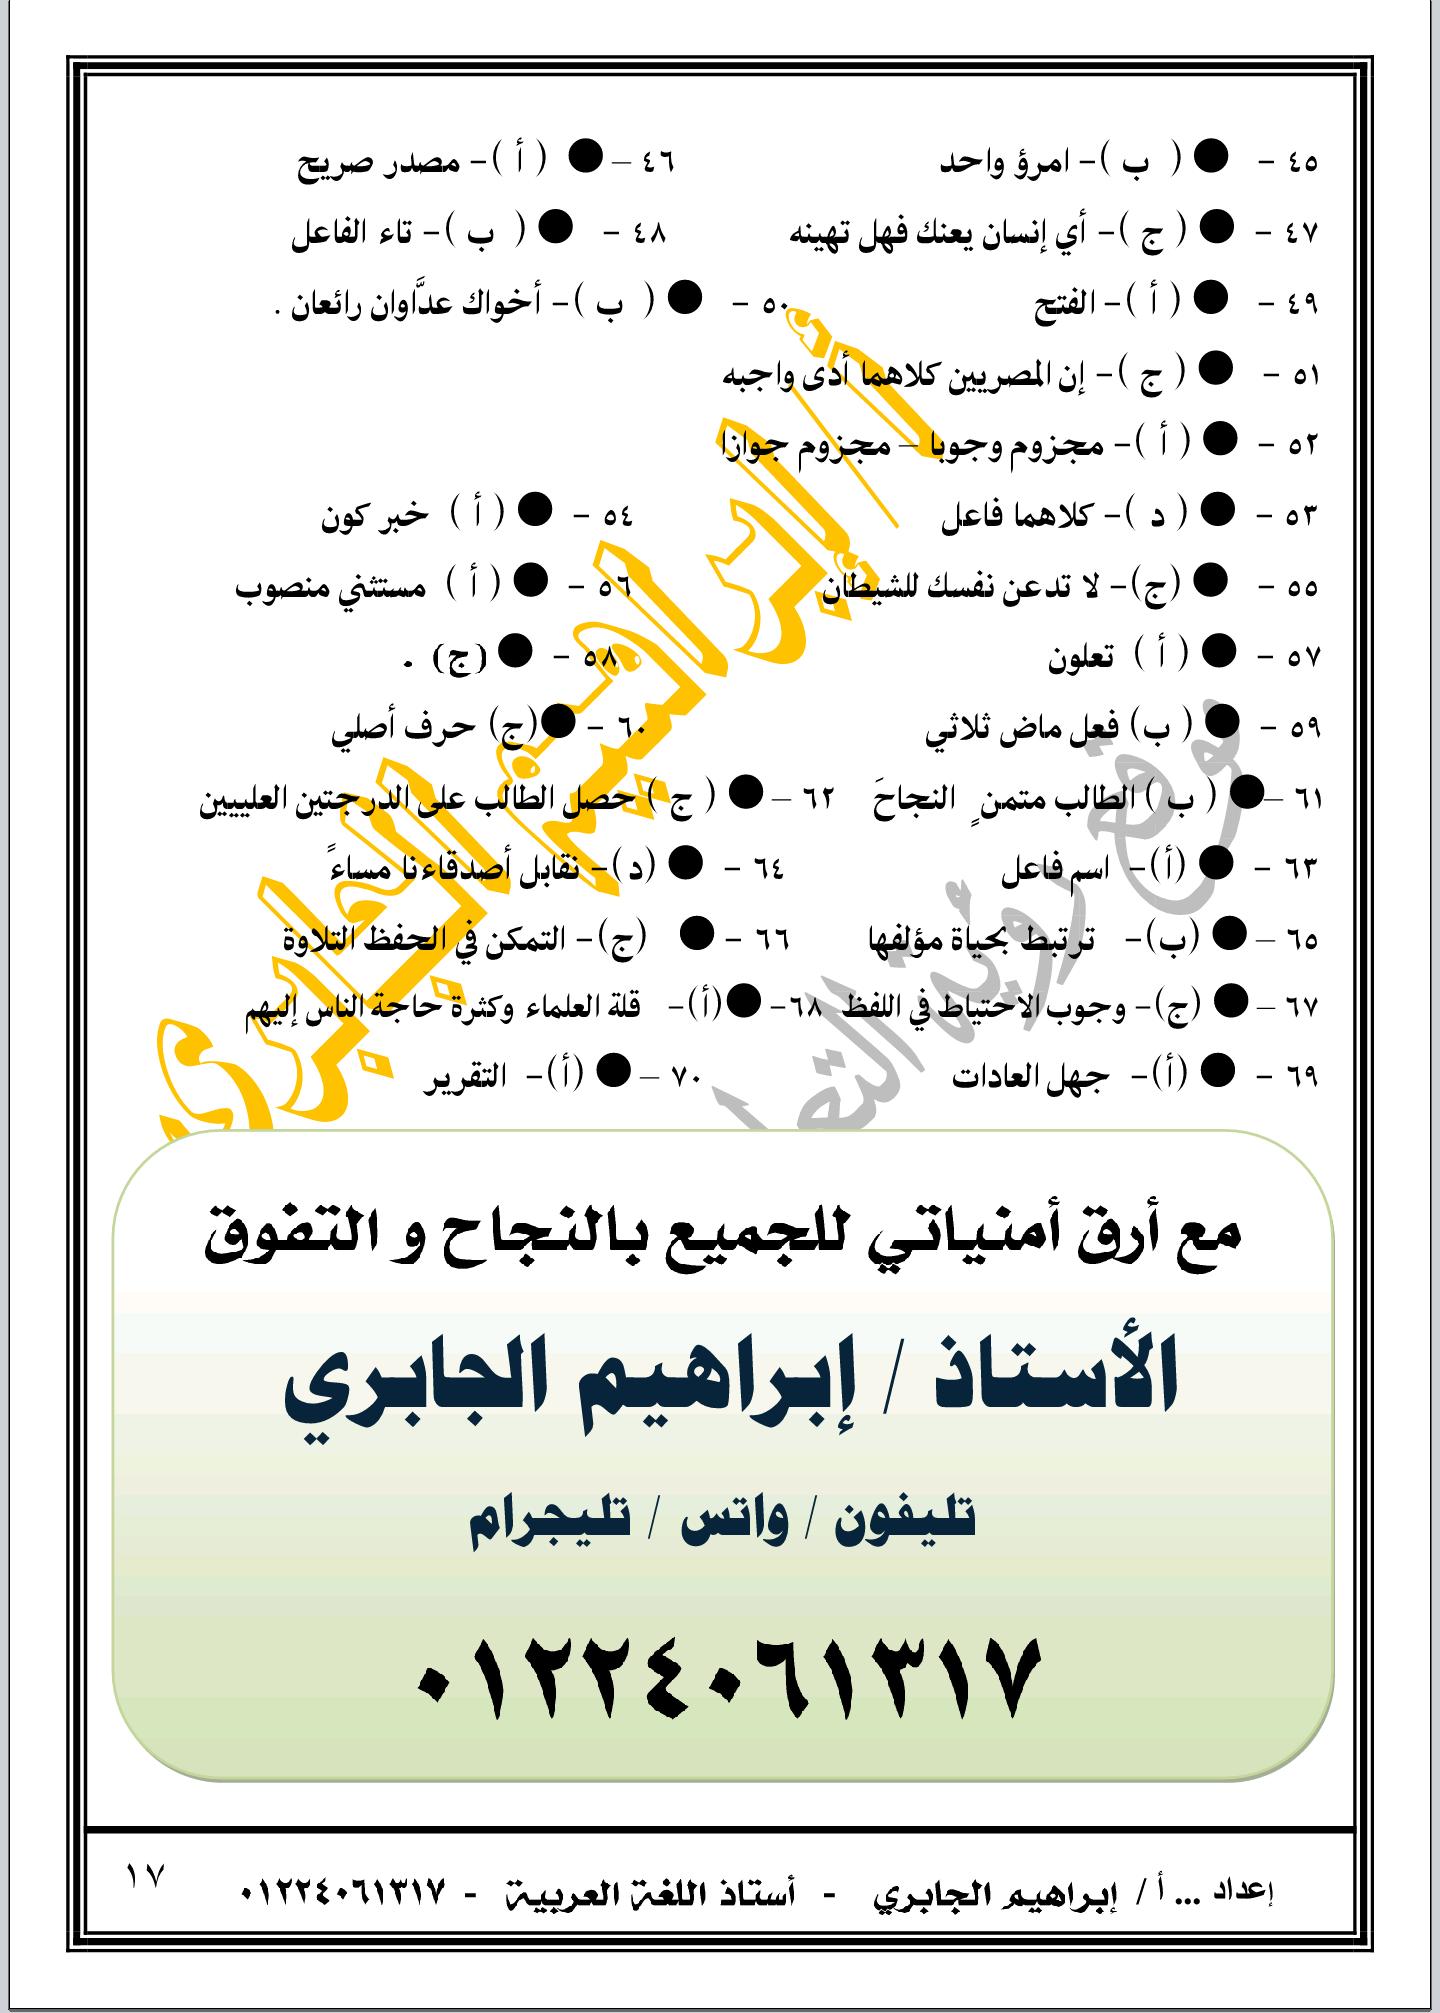 امتحان لغة عربية شامل للثانوية العامة نظام جديد 2021.. 70 سؤالا بالإجابات النموذجية Screenshot_%25D9%25A2%25D9%25A0%25D9%25A2%25D9%25A1-%25D9%25A0%25D9%25A4-%25D9%25A1%25D9%25A5-%25D9%25A0%25D9%25A1-%25D9%25A4%25D9%25A2-%25D9%25A1%25D9%25A3-1